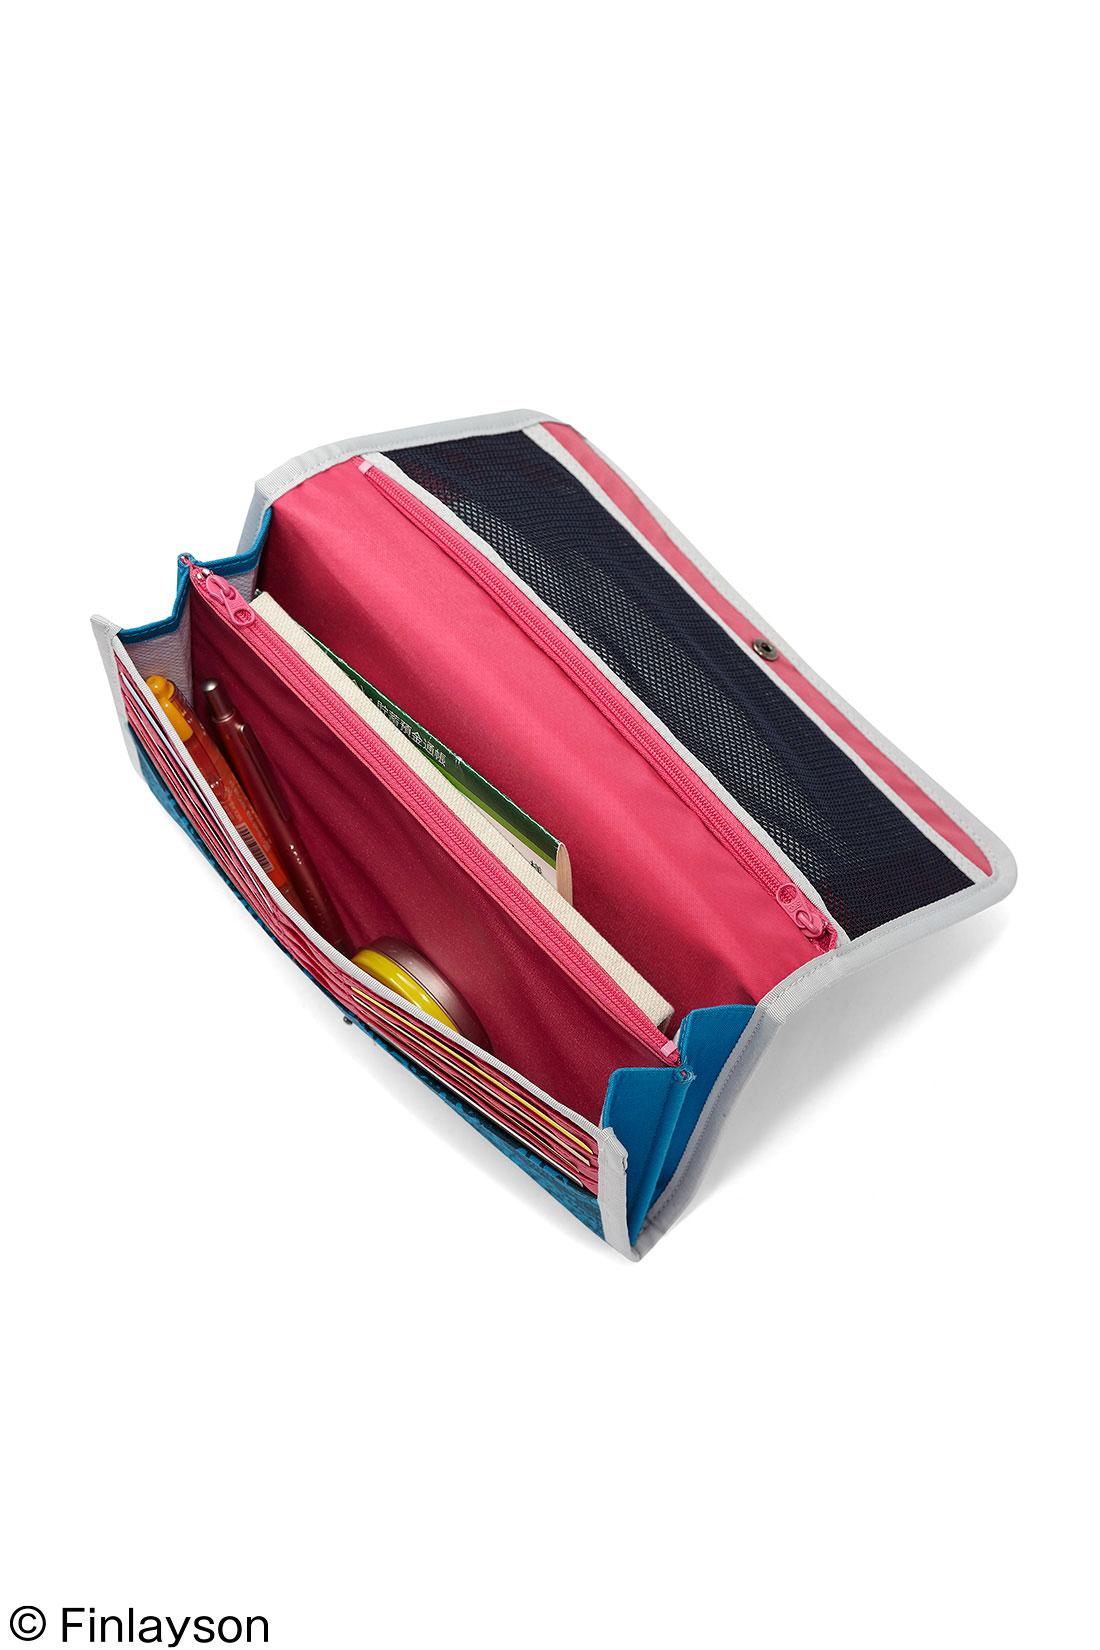 母子手帳やお薬手帳、病院や薬局の領収書、通帳などもすっぽり 貴重品やお金を入れられるファスナーポケット